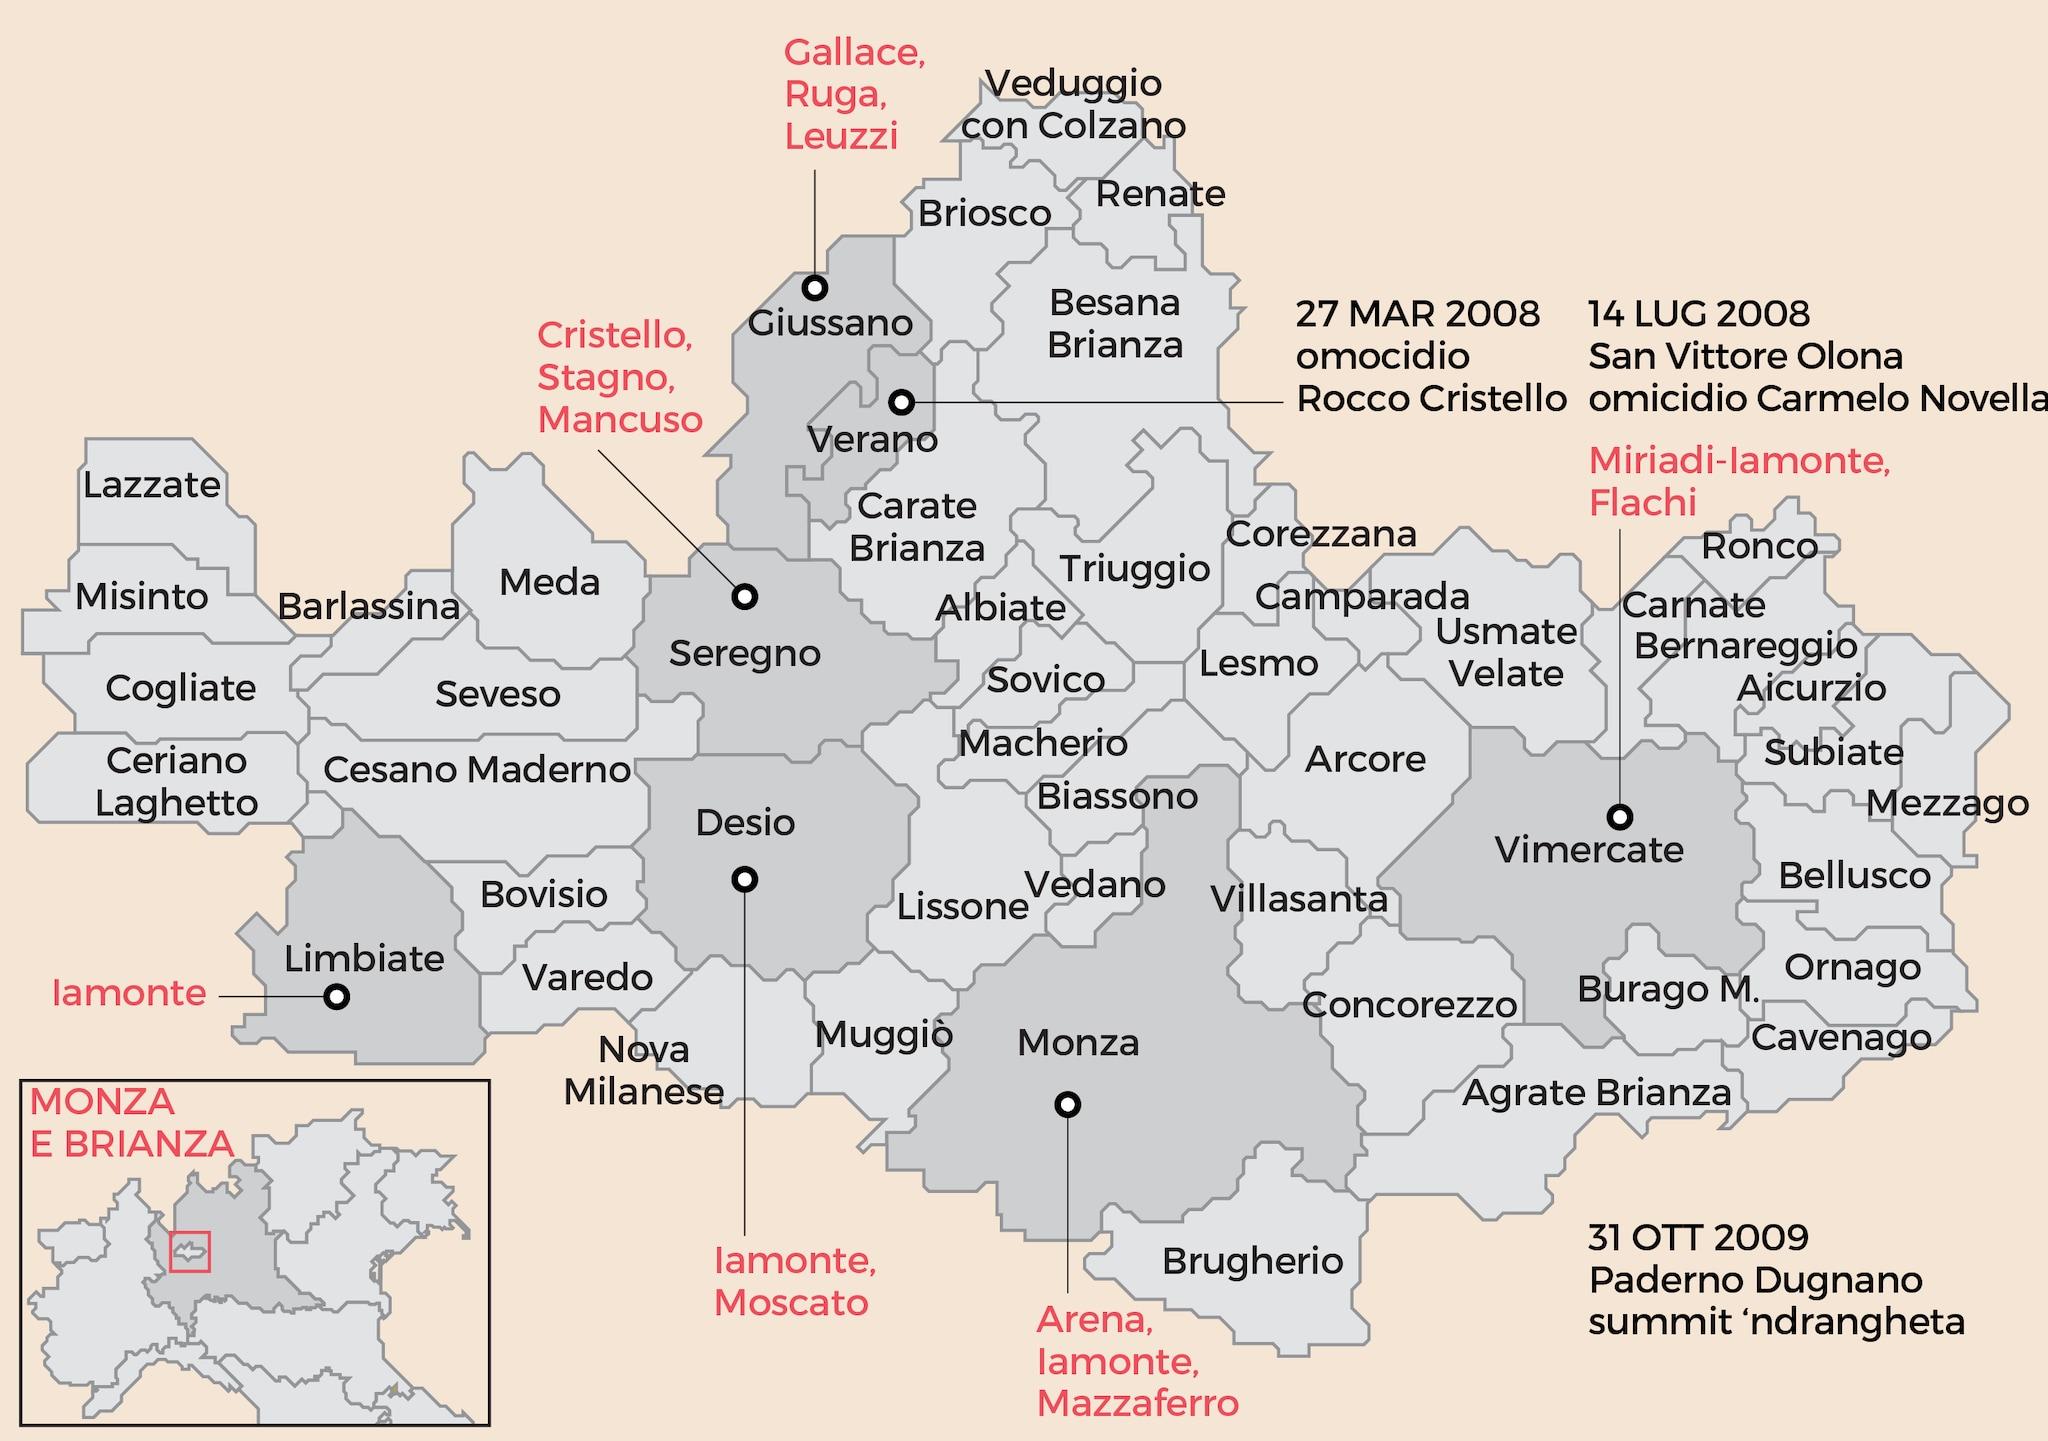 MAPPA DELLE 'NDRINE NELLA PROVINCIA DI MONZA E BRIANZA